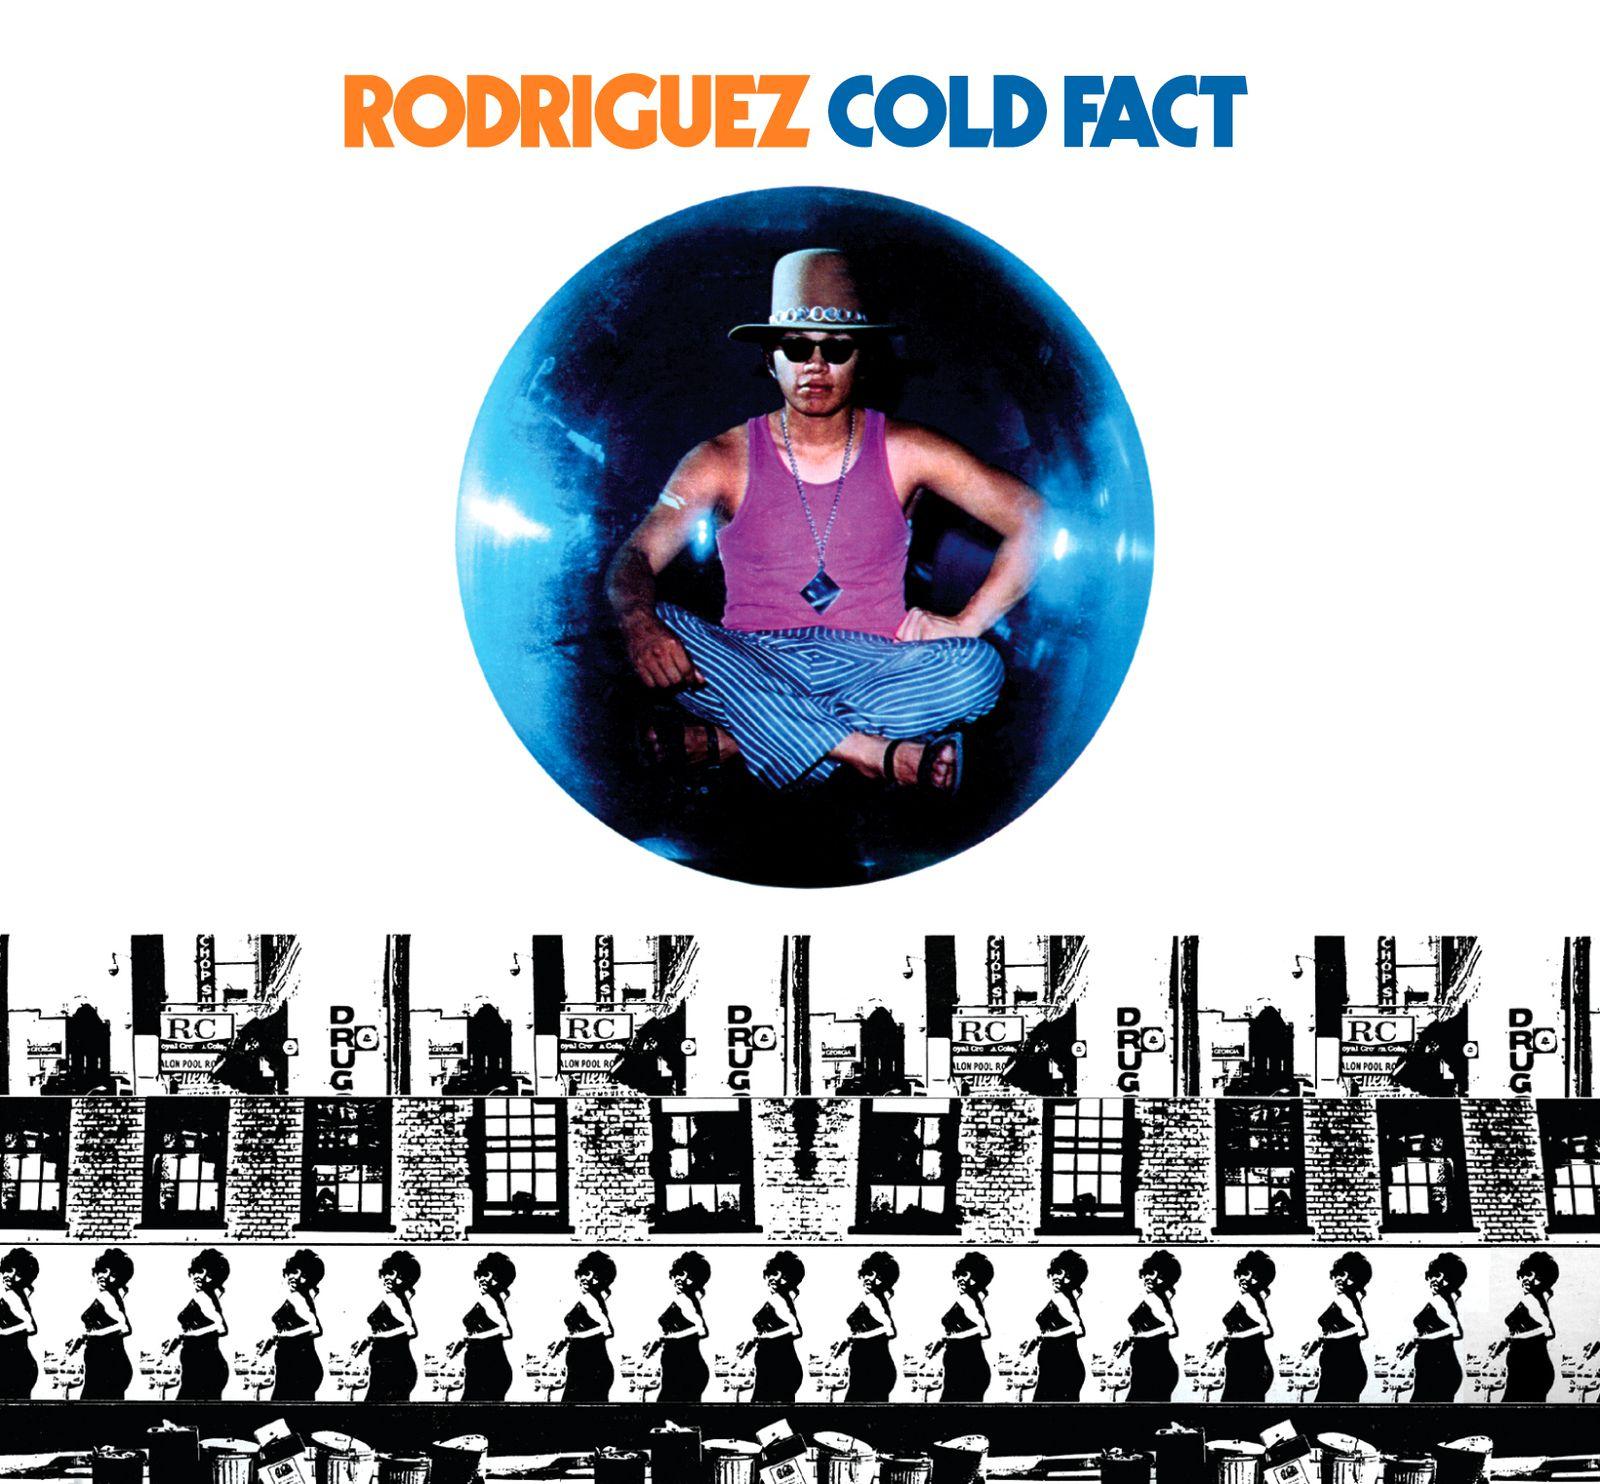 Sixto Rodriguez - Only Good For Conversation : traduction en français des paroles, et vidéos. French translation of the lyrics plus videos.